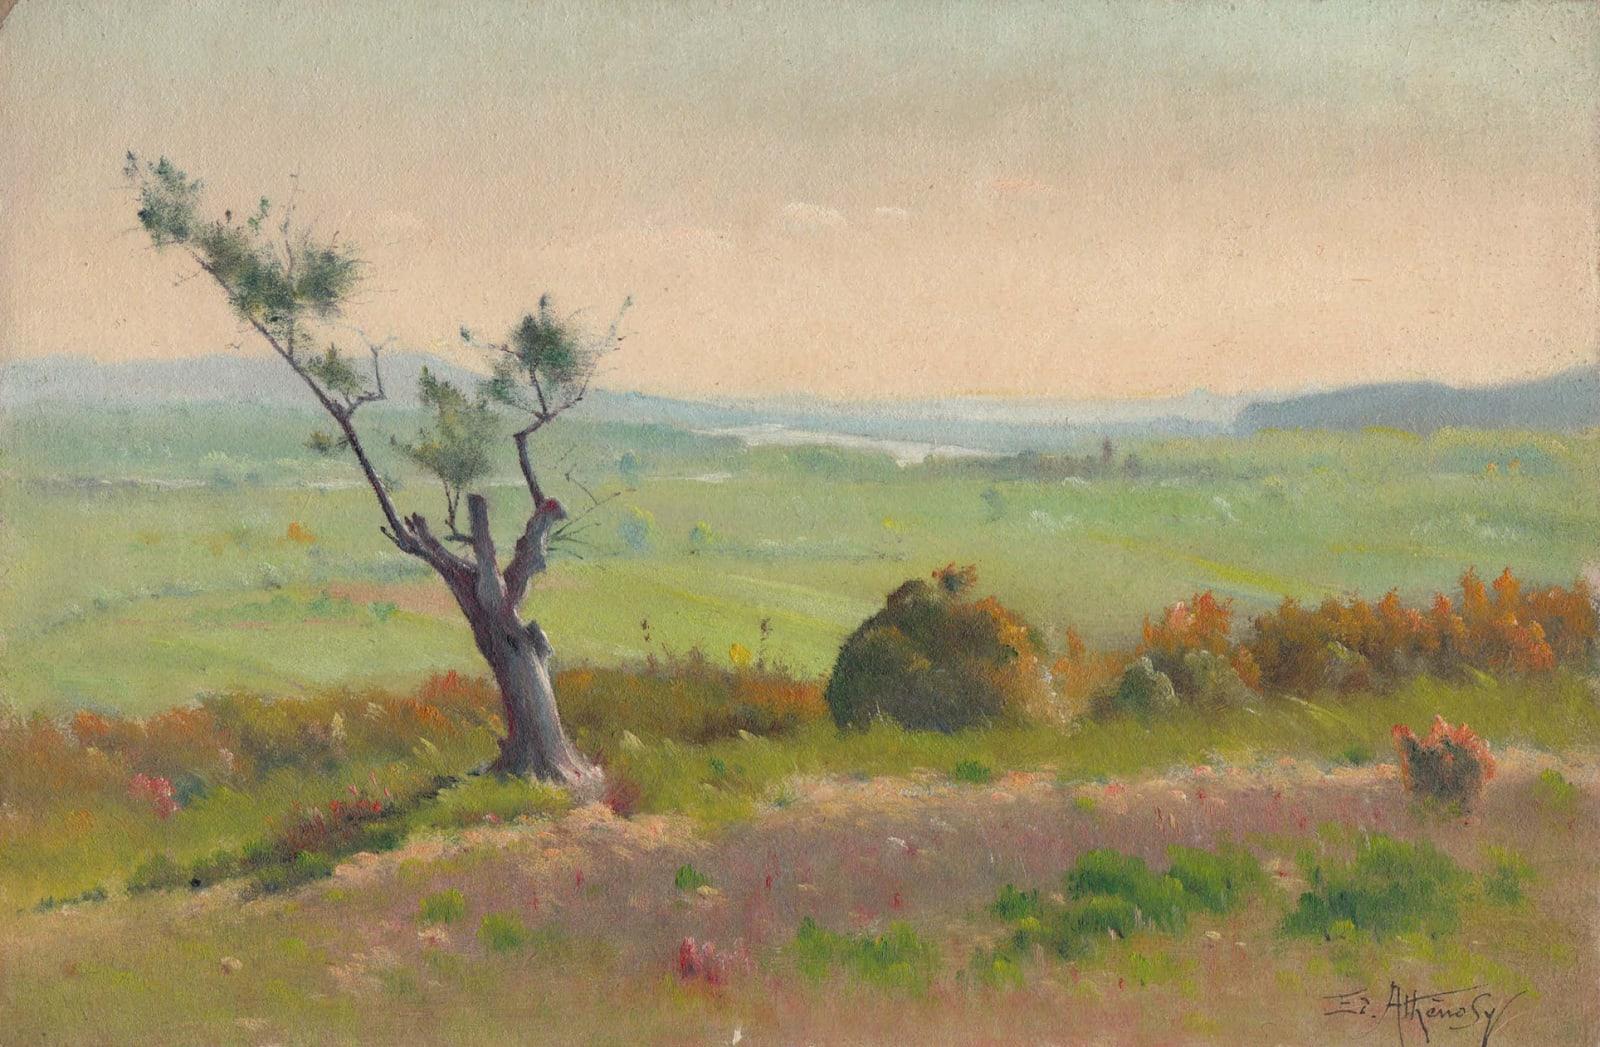 EDOUARD ATHÉNOSY, Olive tree alone, 1928